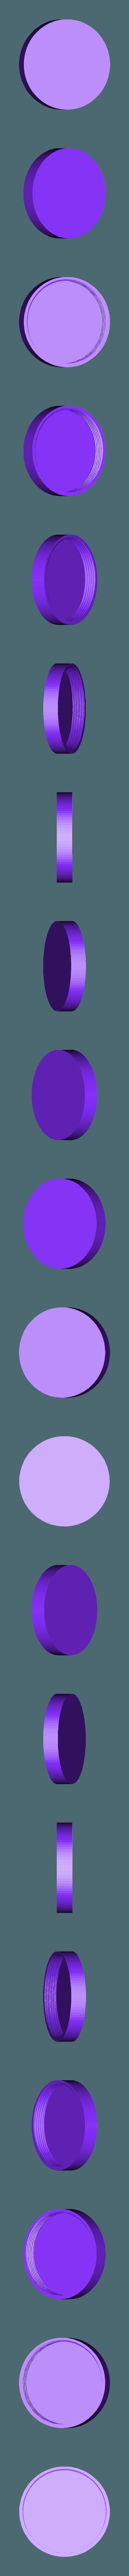 Cap.stl Download STL file Sugar dispenser • Object to 3D print, drsmyrke